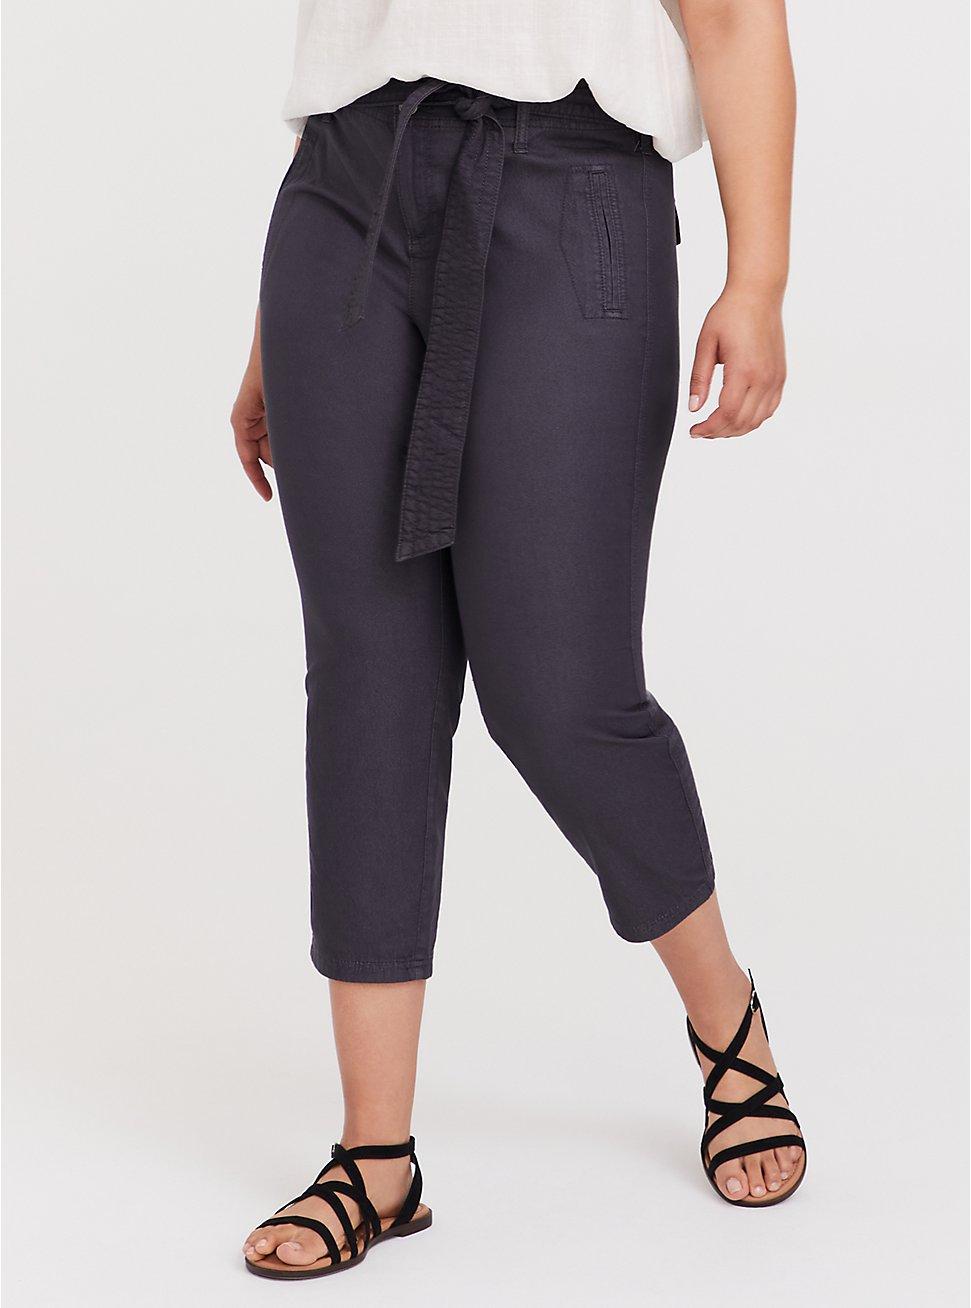 Crop Twill Self Tie Utility Pant – Dark Slate Grey, , hi-res